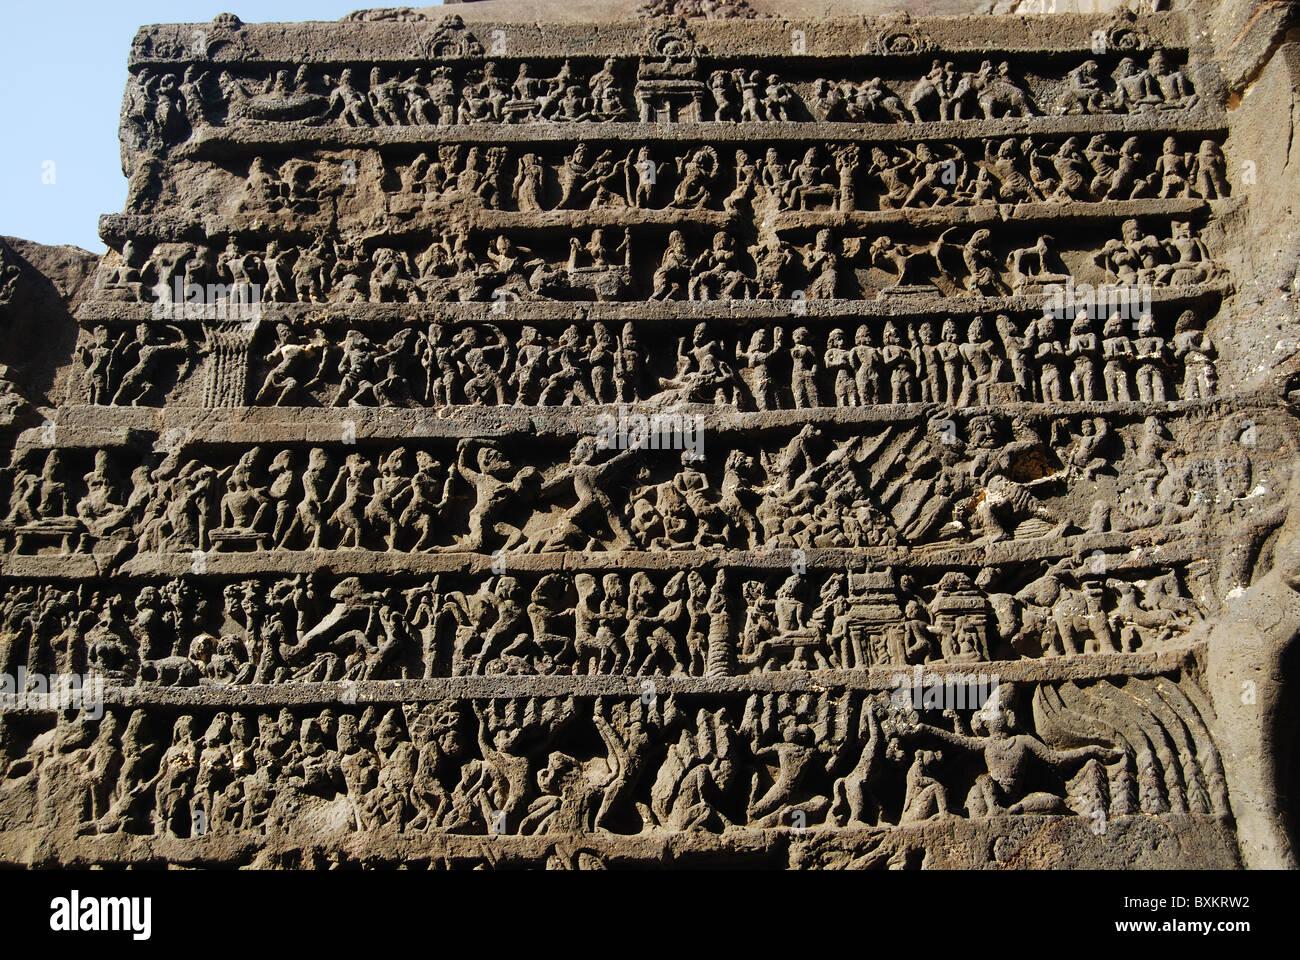 Cave 16. Kailasa temple. North wall of Rang Mahal. Mahabharata panel. Ellora Caves, Aurangabad, Maharashtra, India. - Stock Image